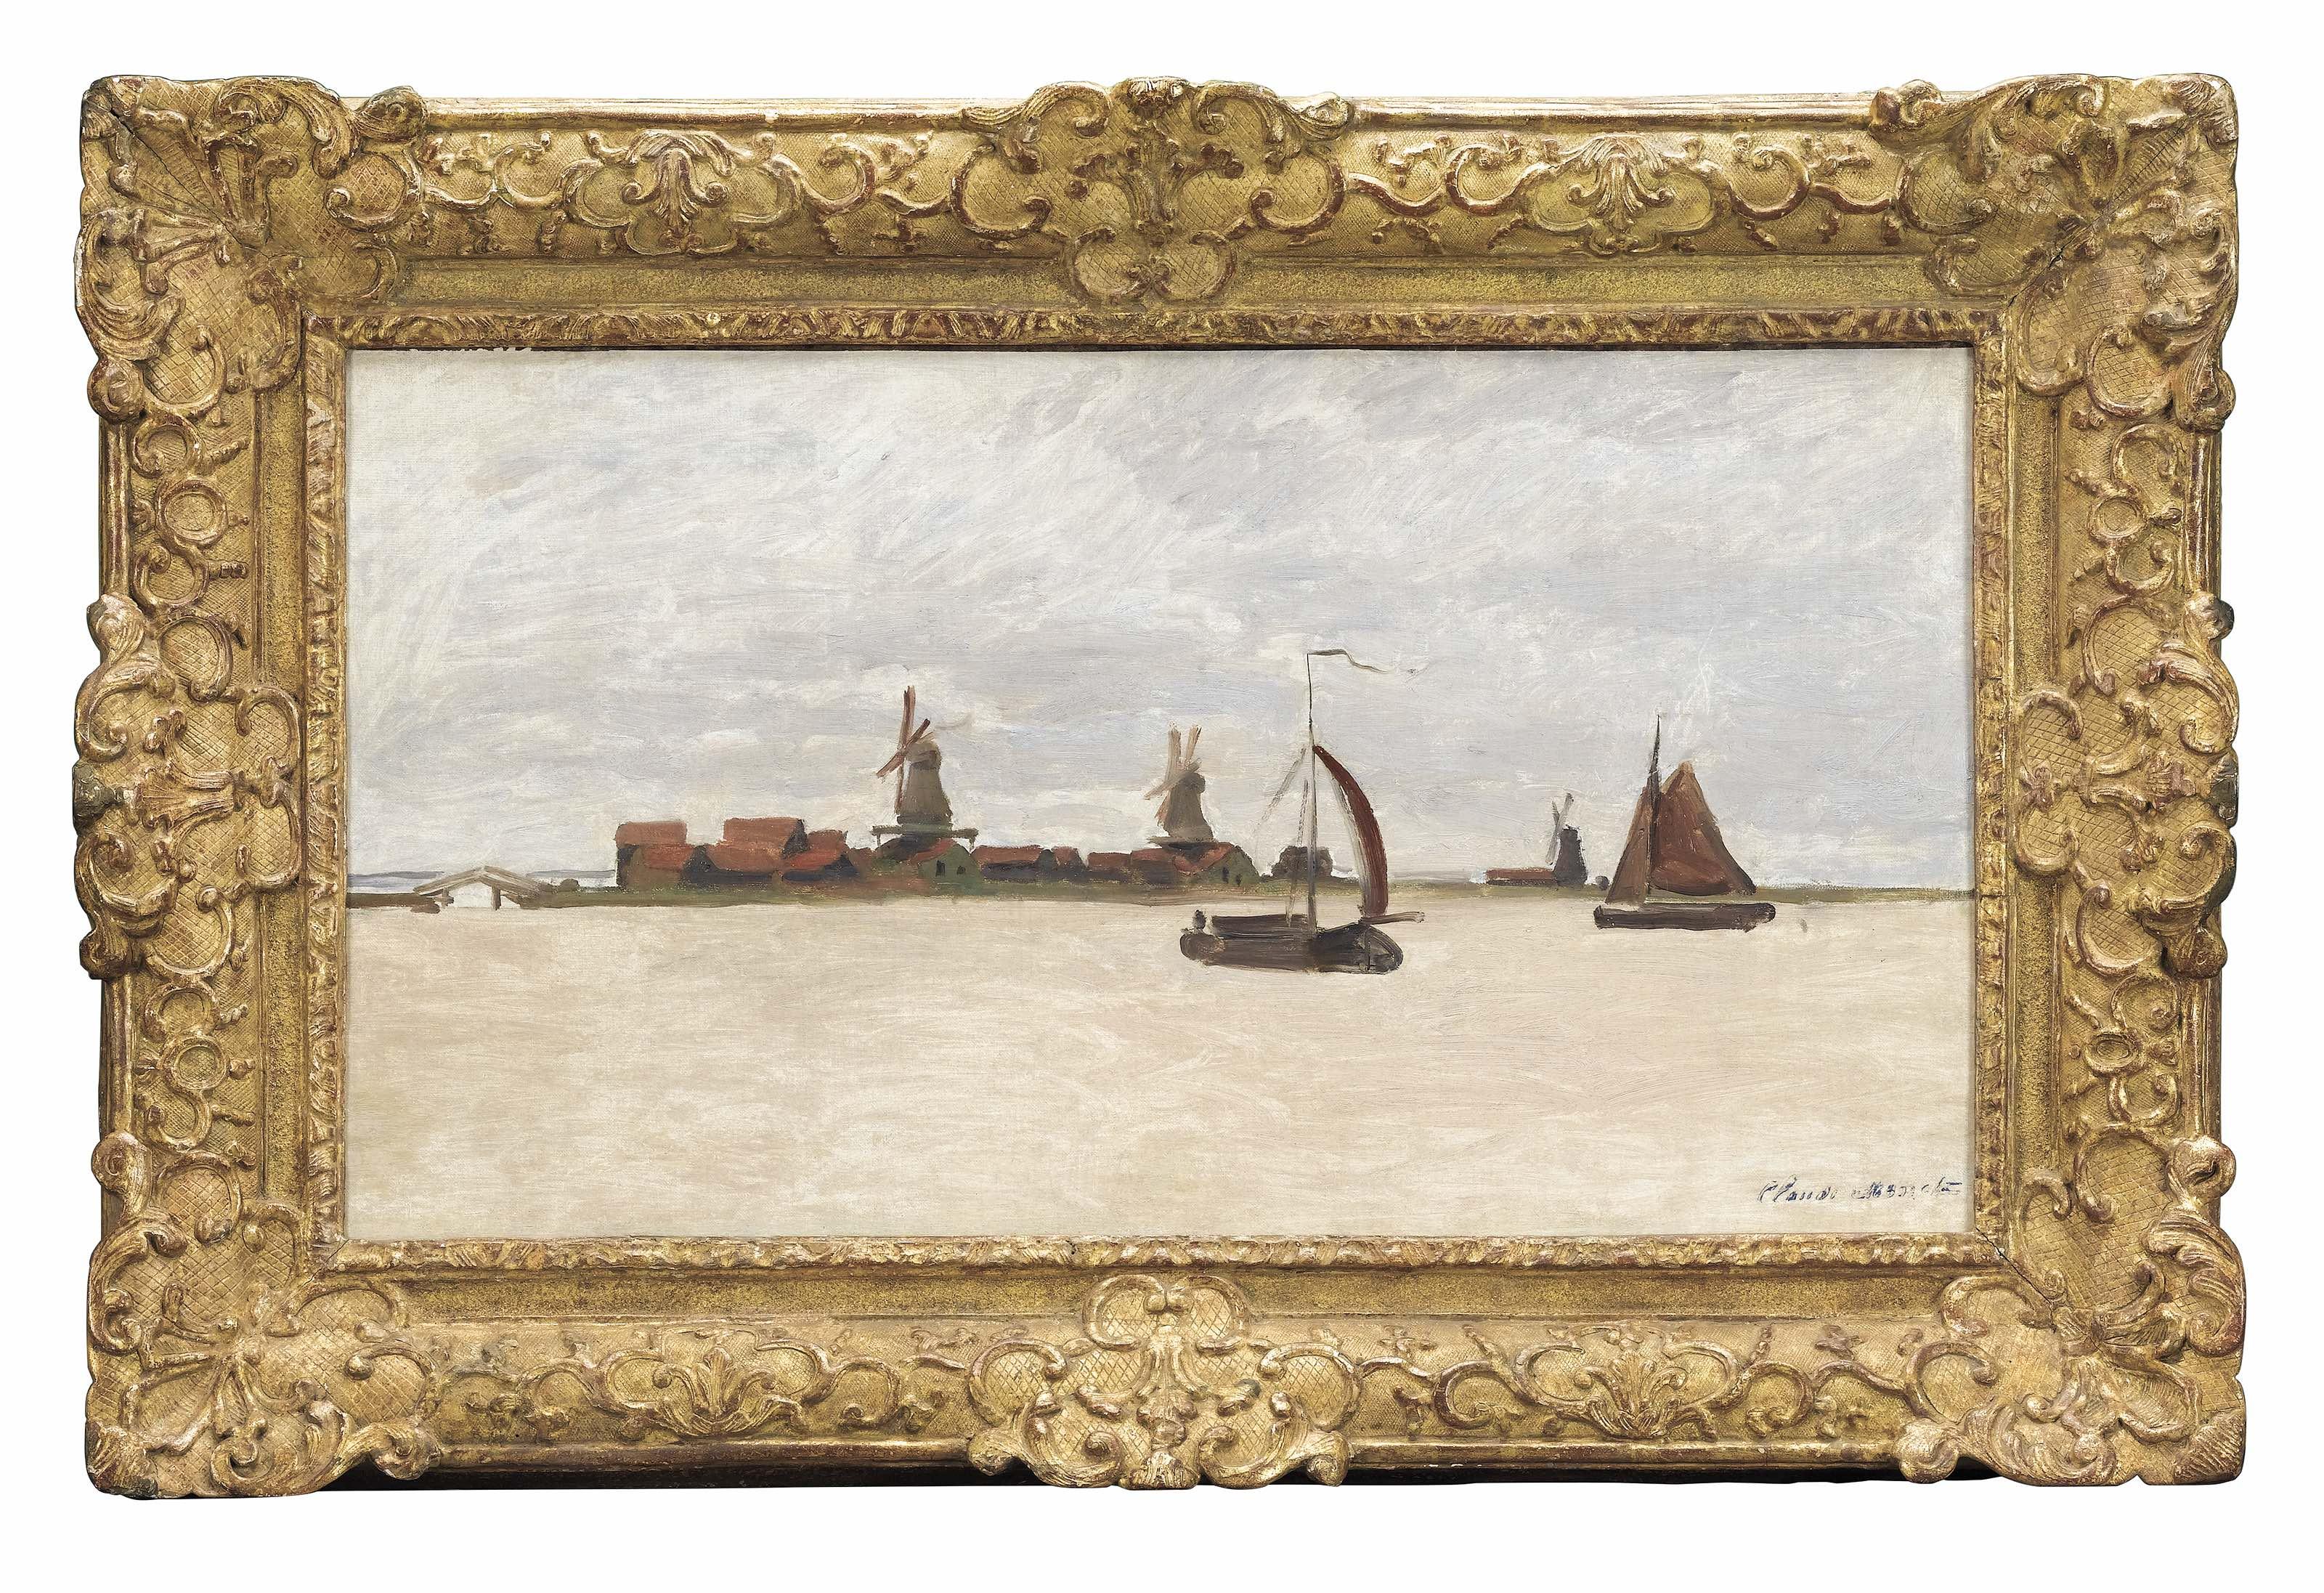 De Voorzaan en de Westerhem 1871, Werk van Claude Monet uit de collectie van het Zaans Museum. (Foto: Gemeente Zaanstad)